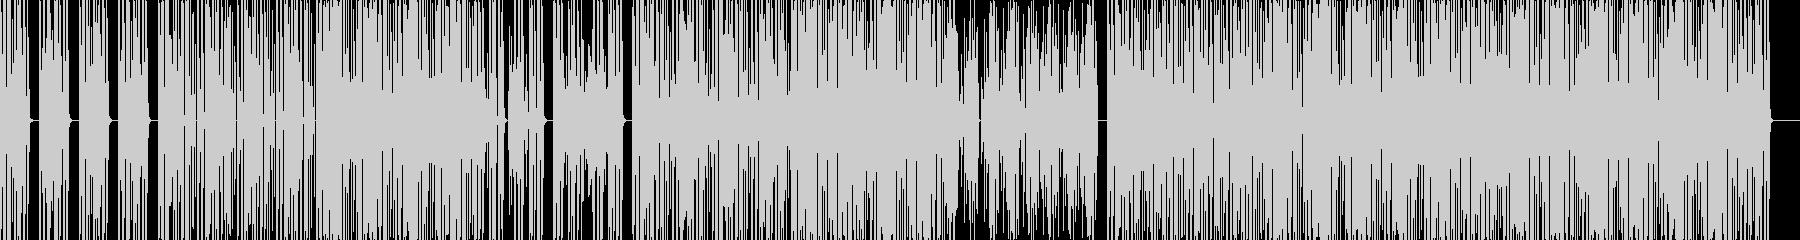 法人 サスペンス 技術的な ハイテ...の未再生の波形